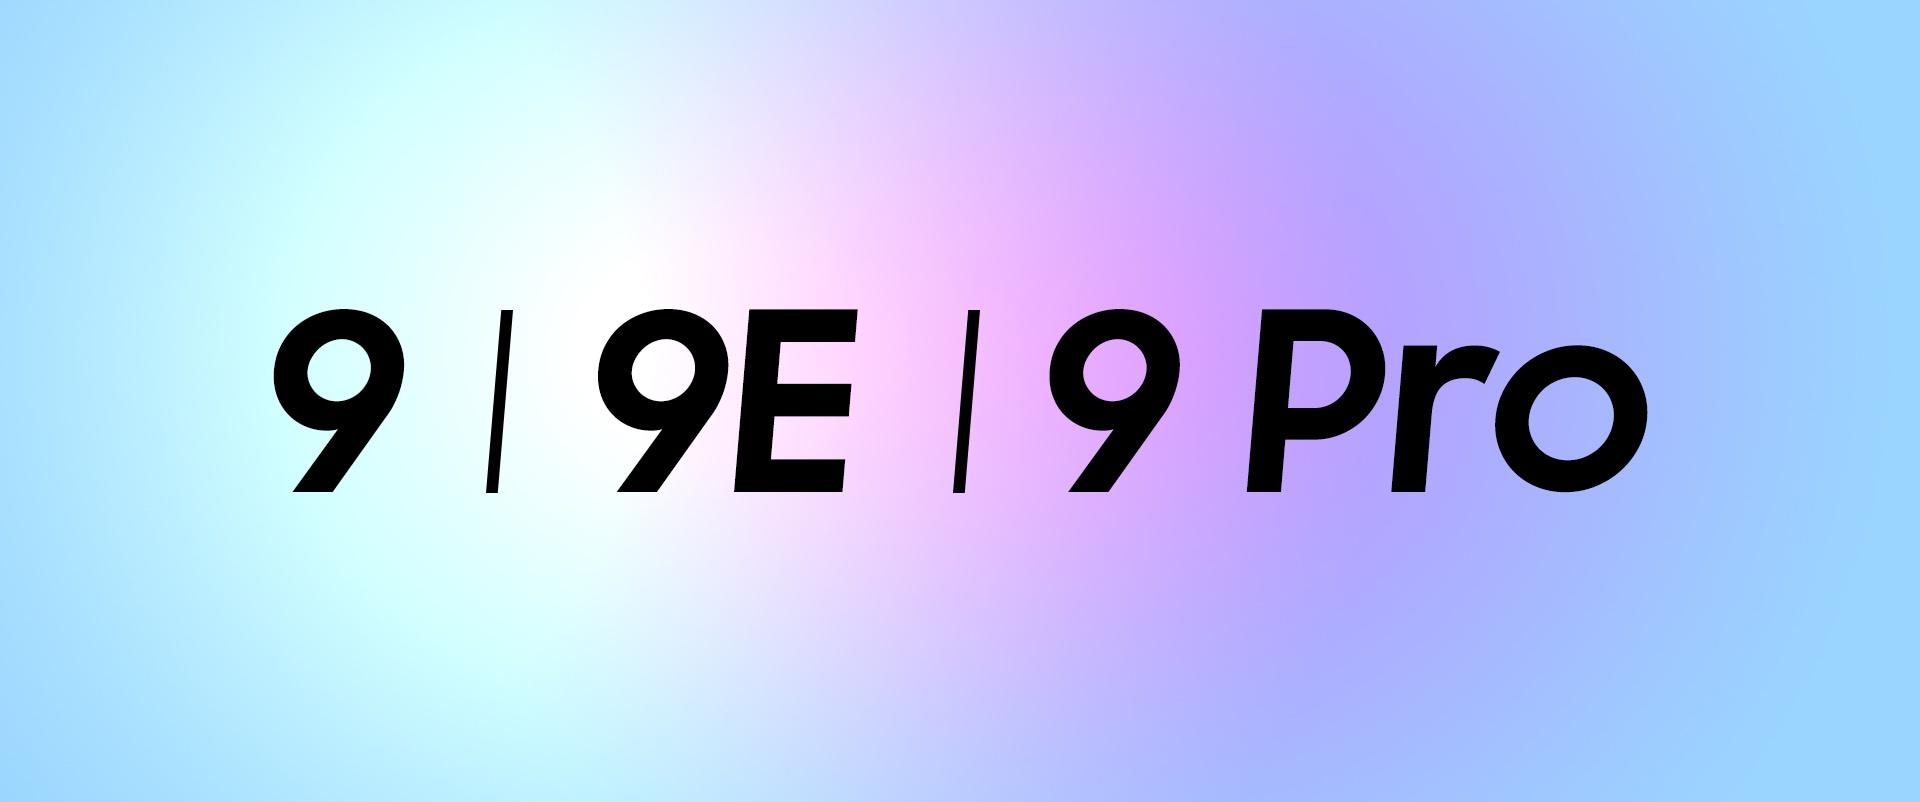 OnePlus non lascia ma triplica: la serie OnePlus 9 potrebbe avere un terzo componente (foto)